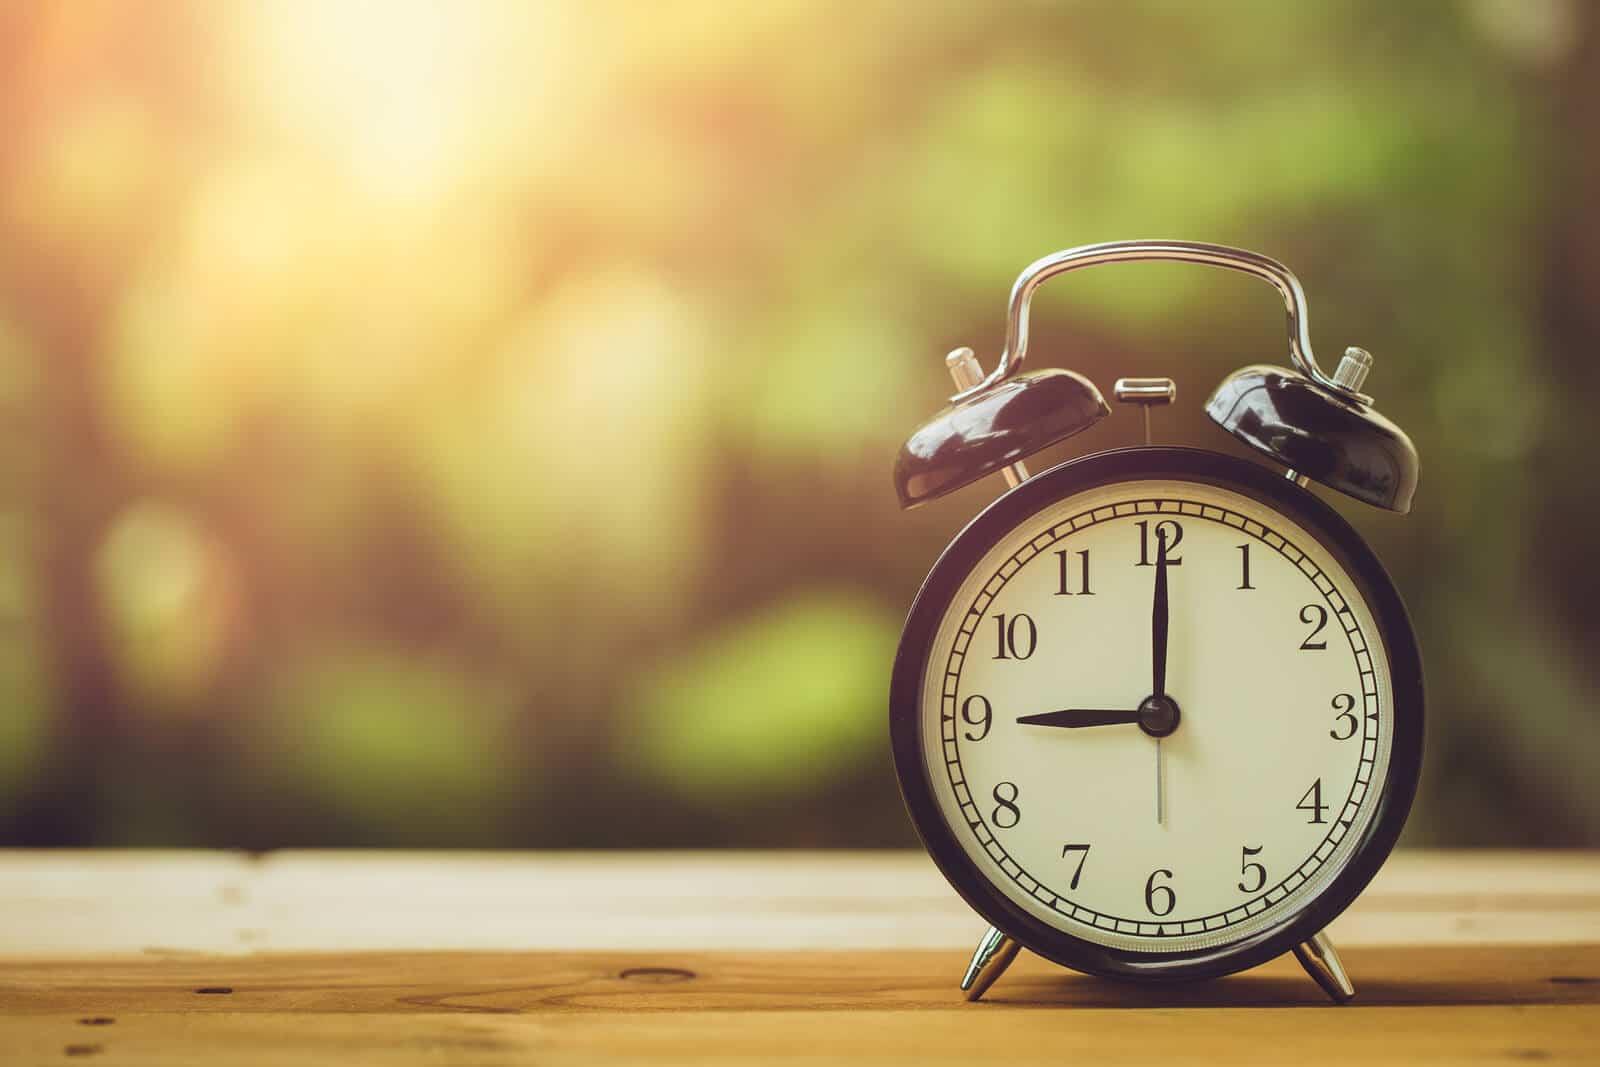 quy định thời gian làm việc